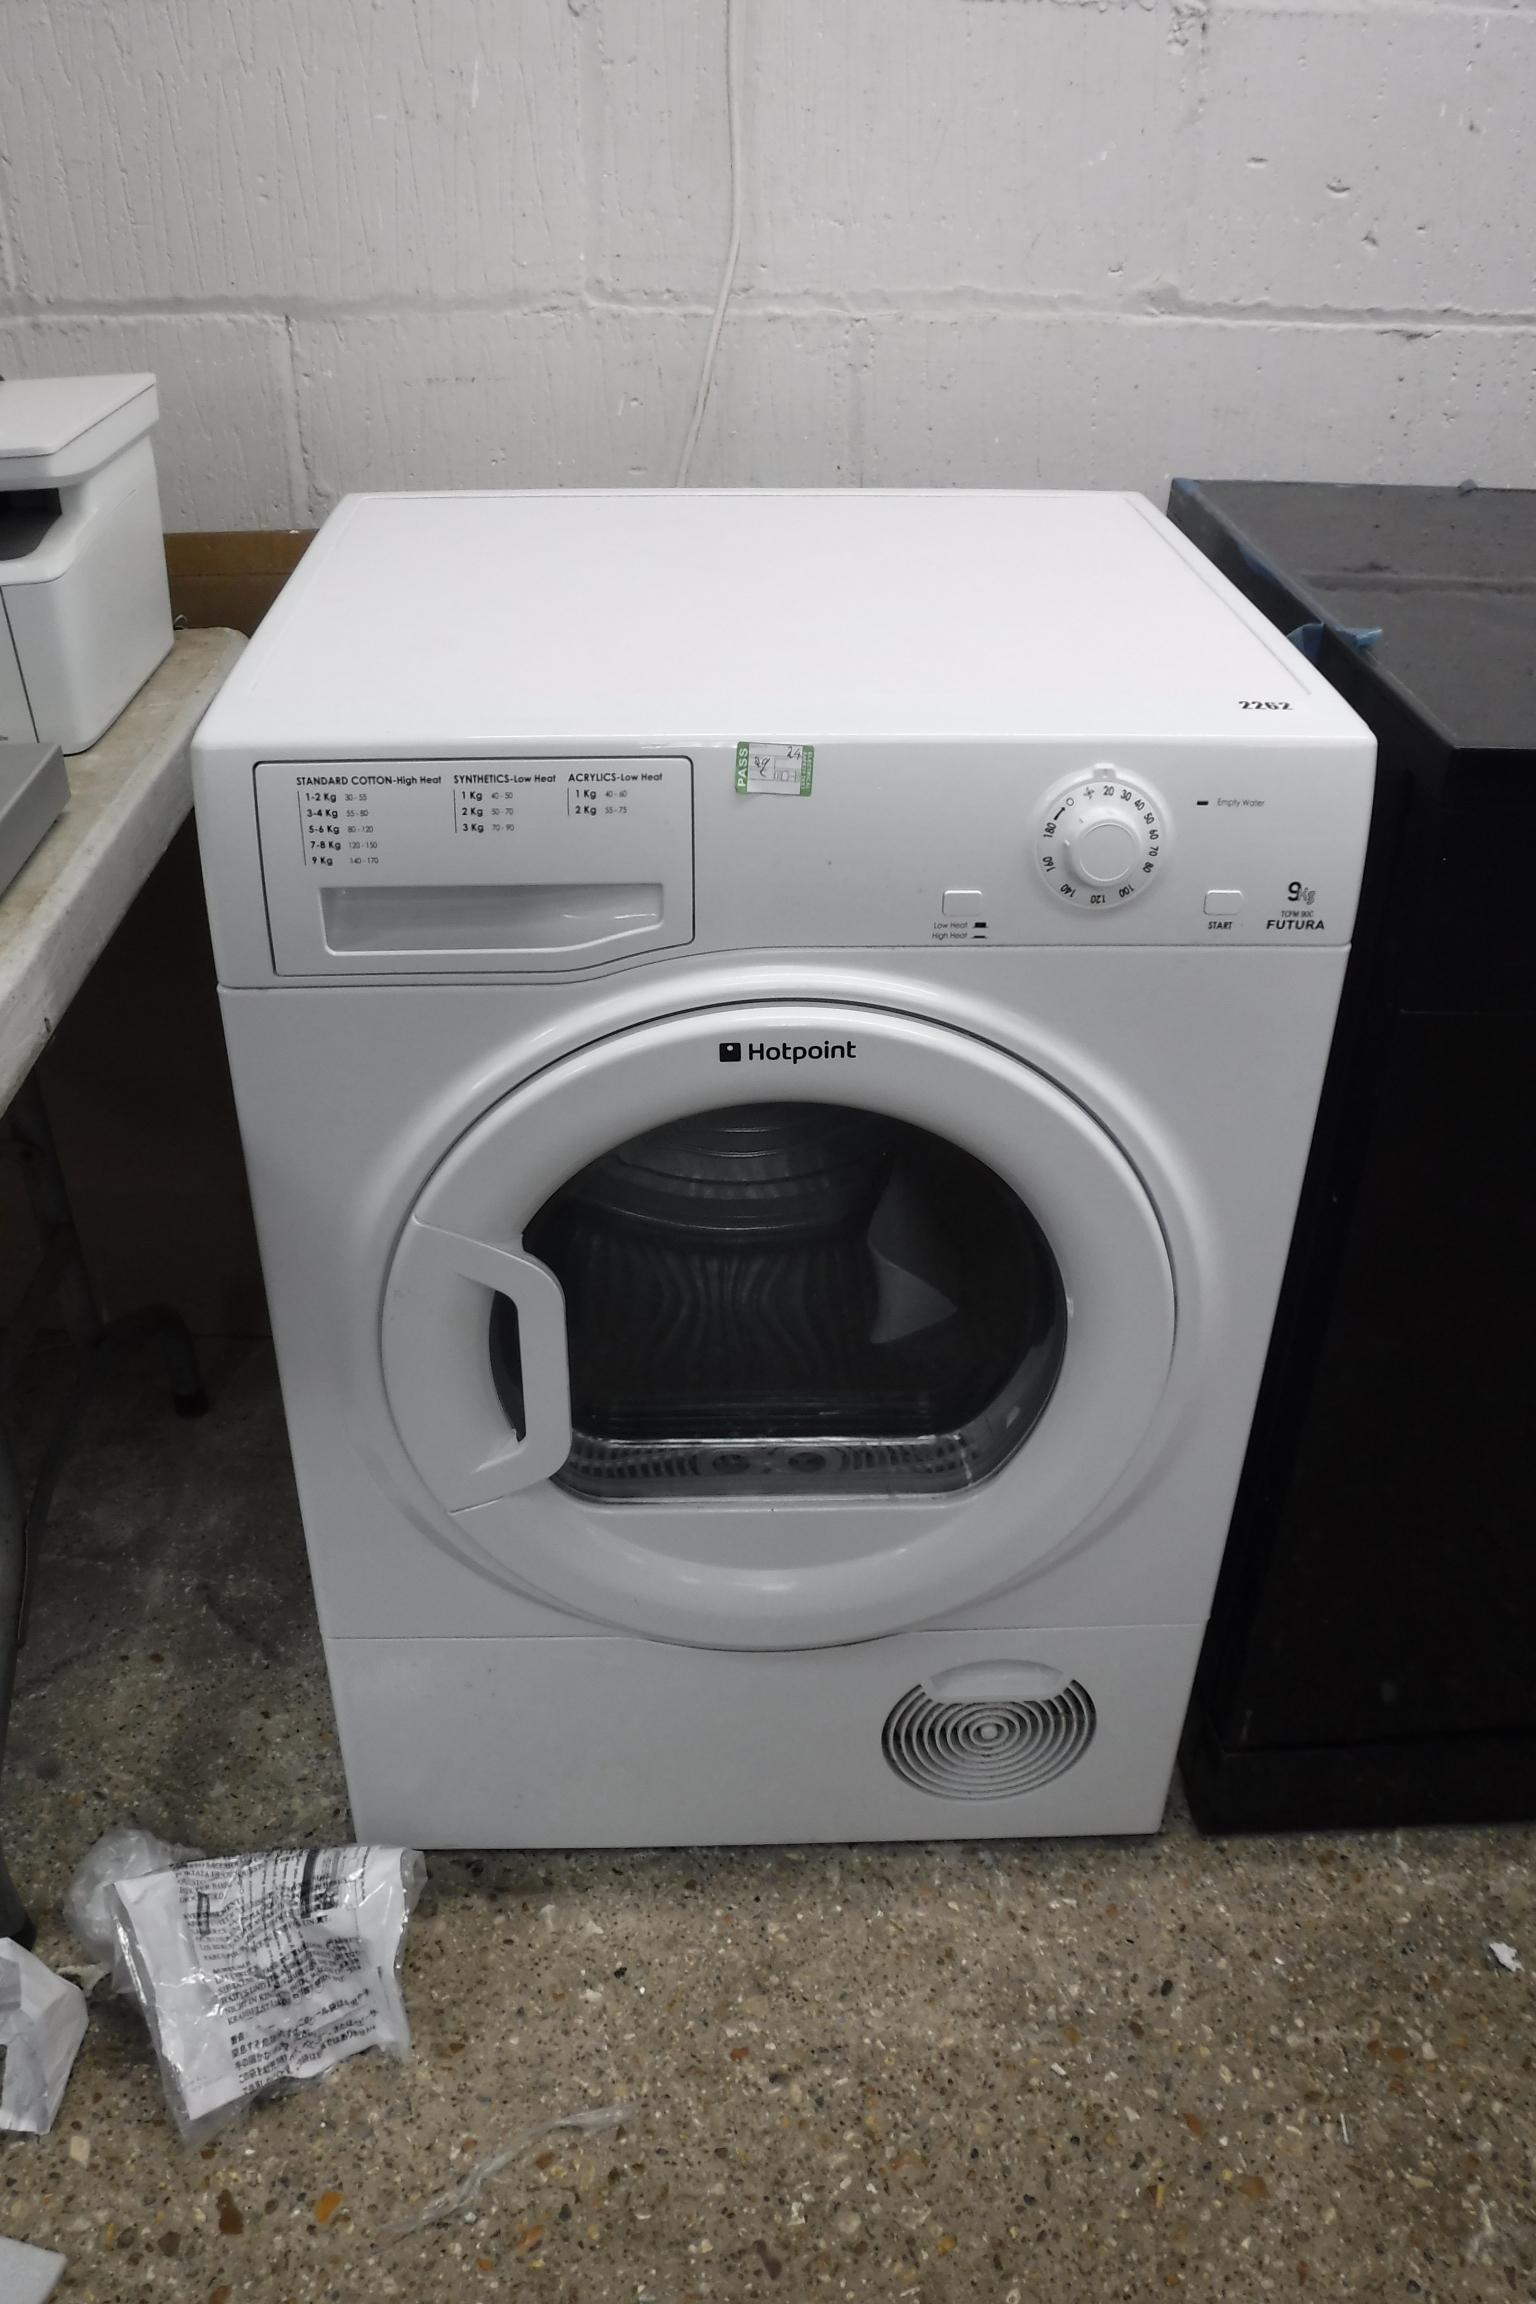 (24) Hotpoint washing machine